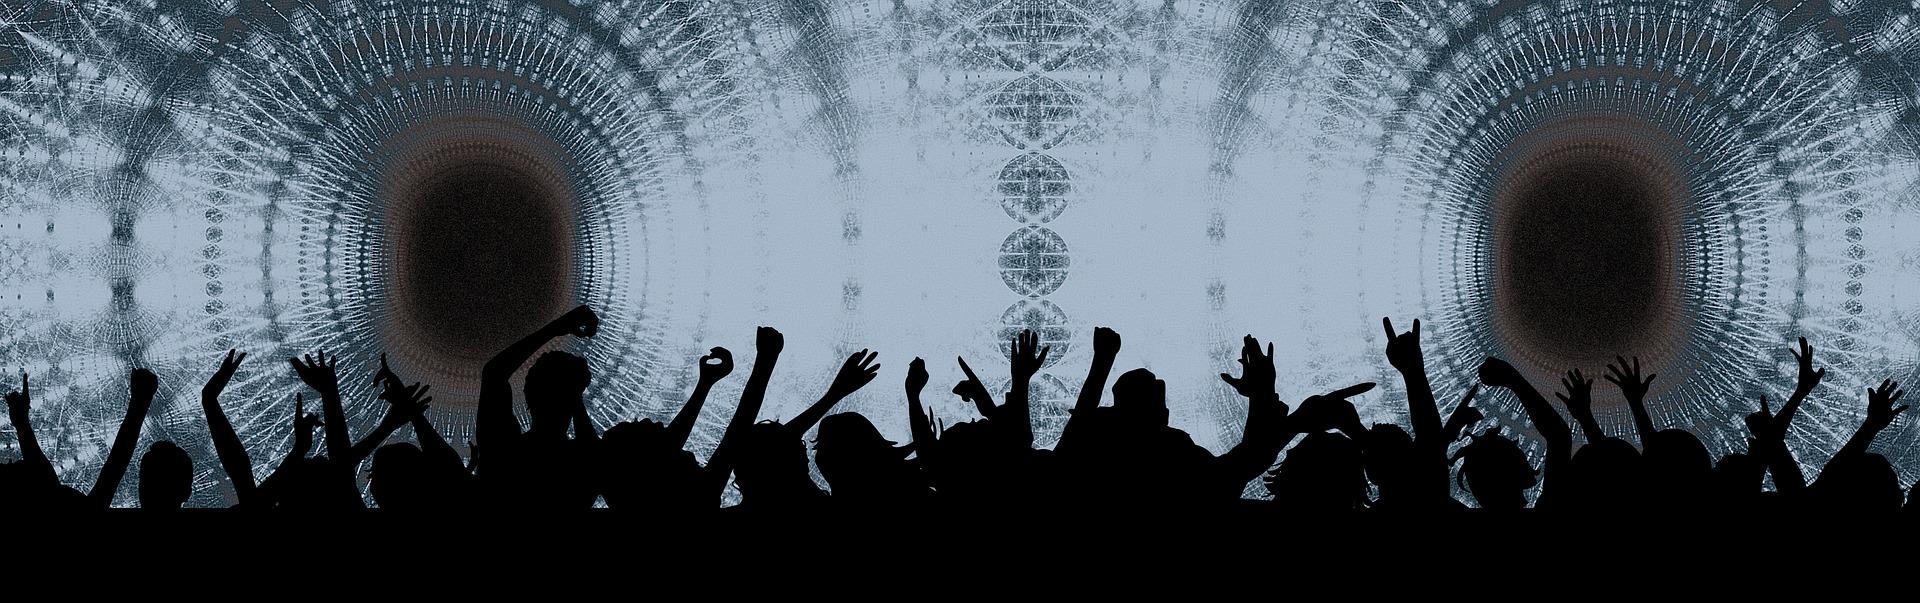 アイキャッチ:音楽